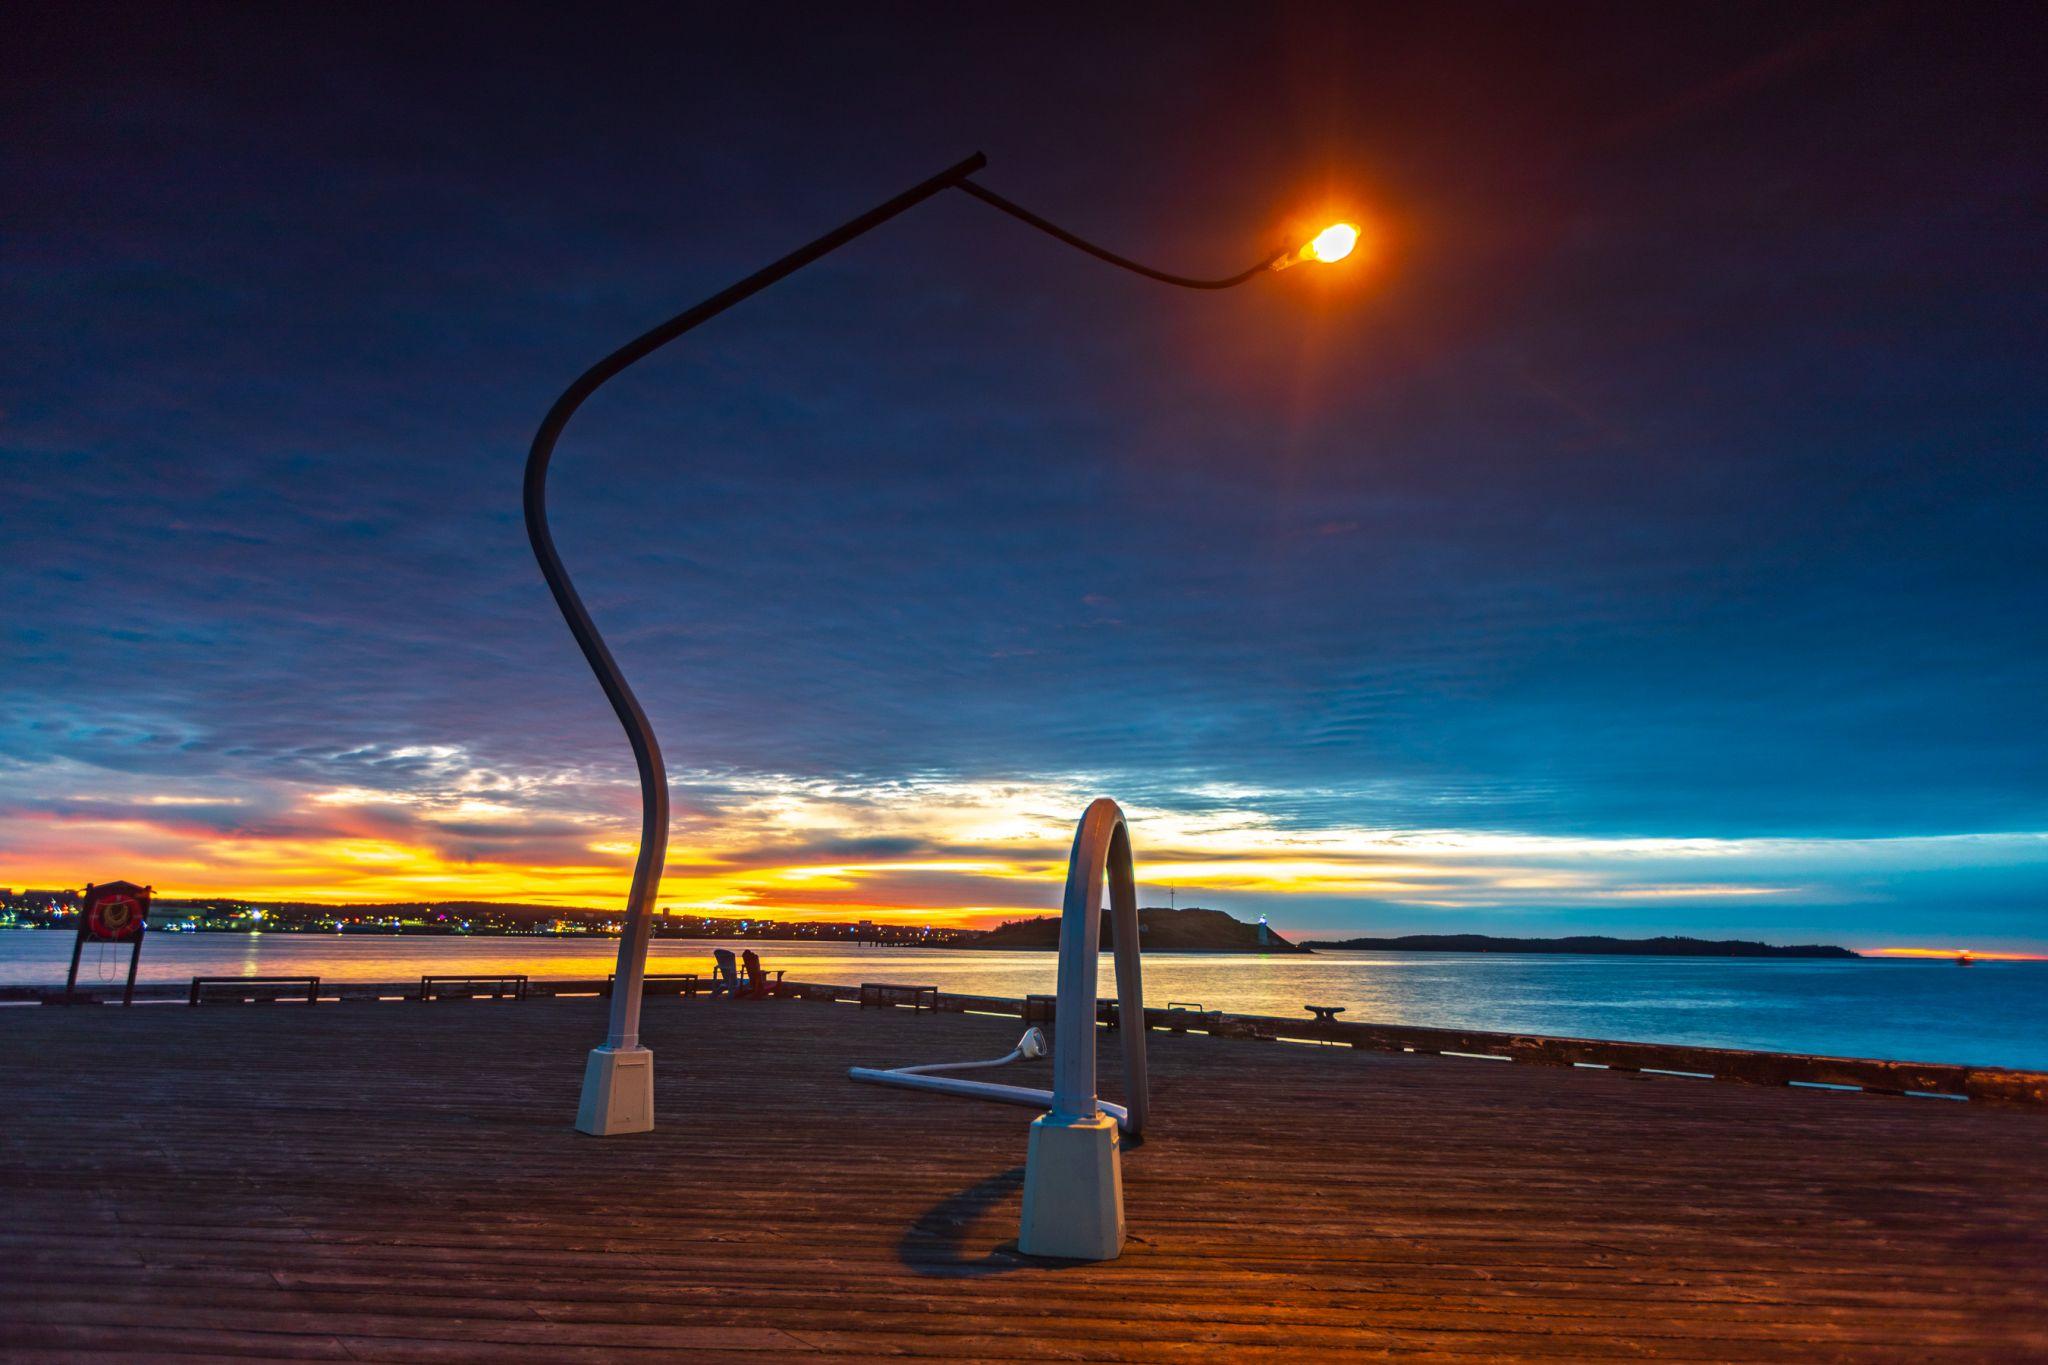 Drunken Lampposts Wharf area Halifax Nova Scotia, Canada